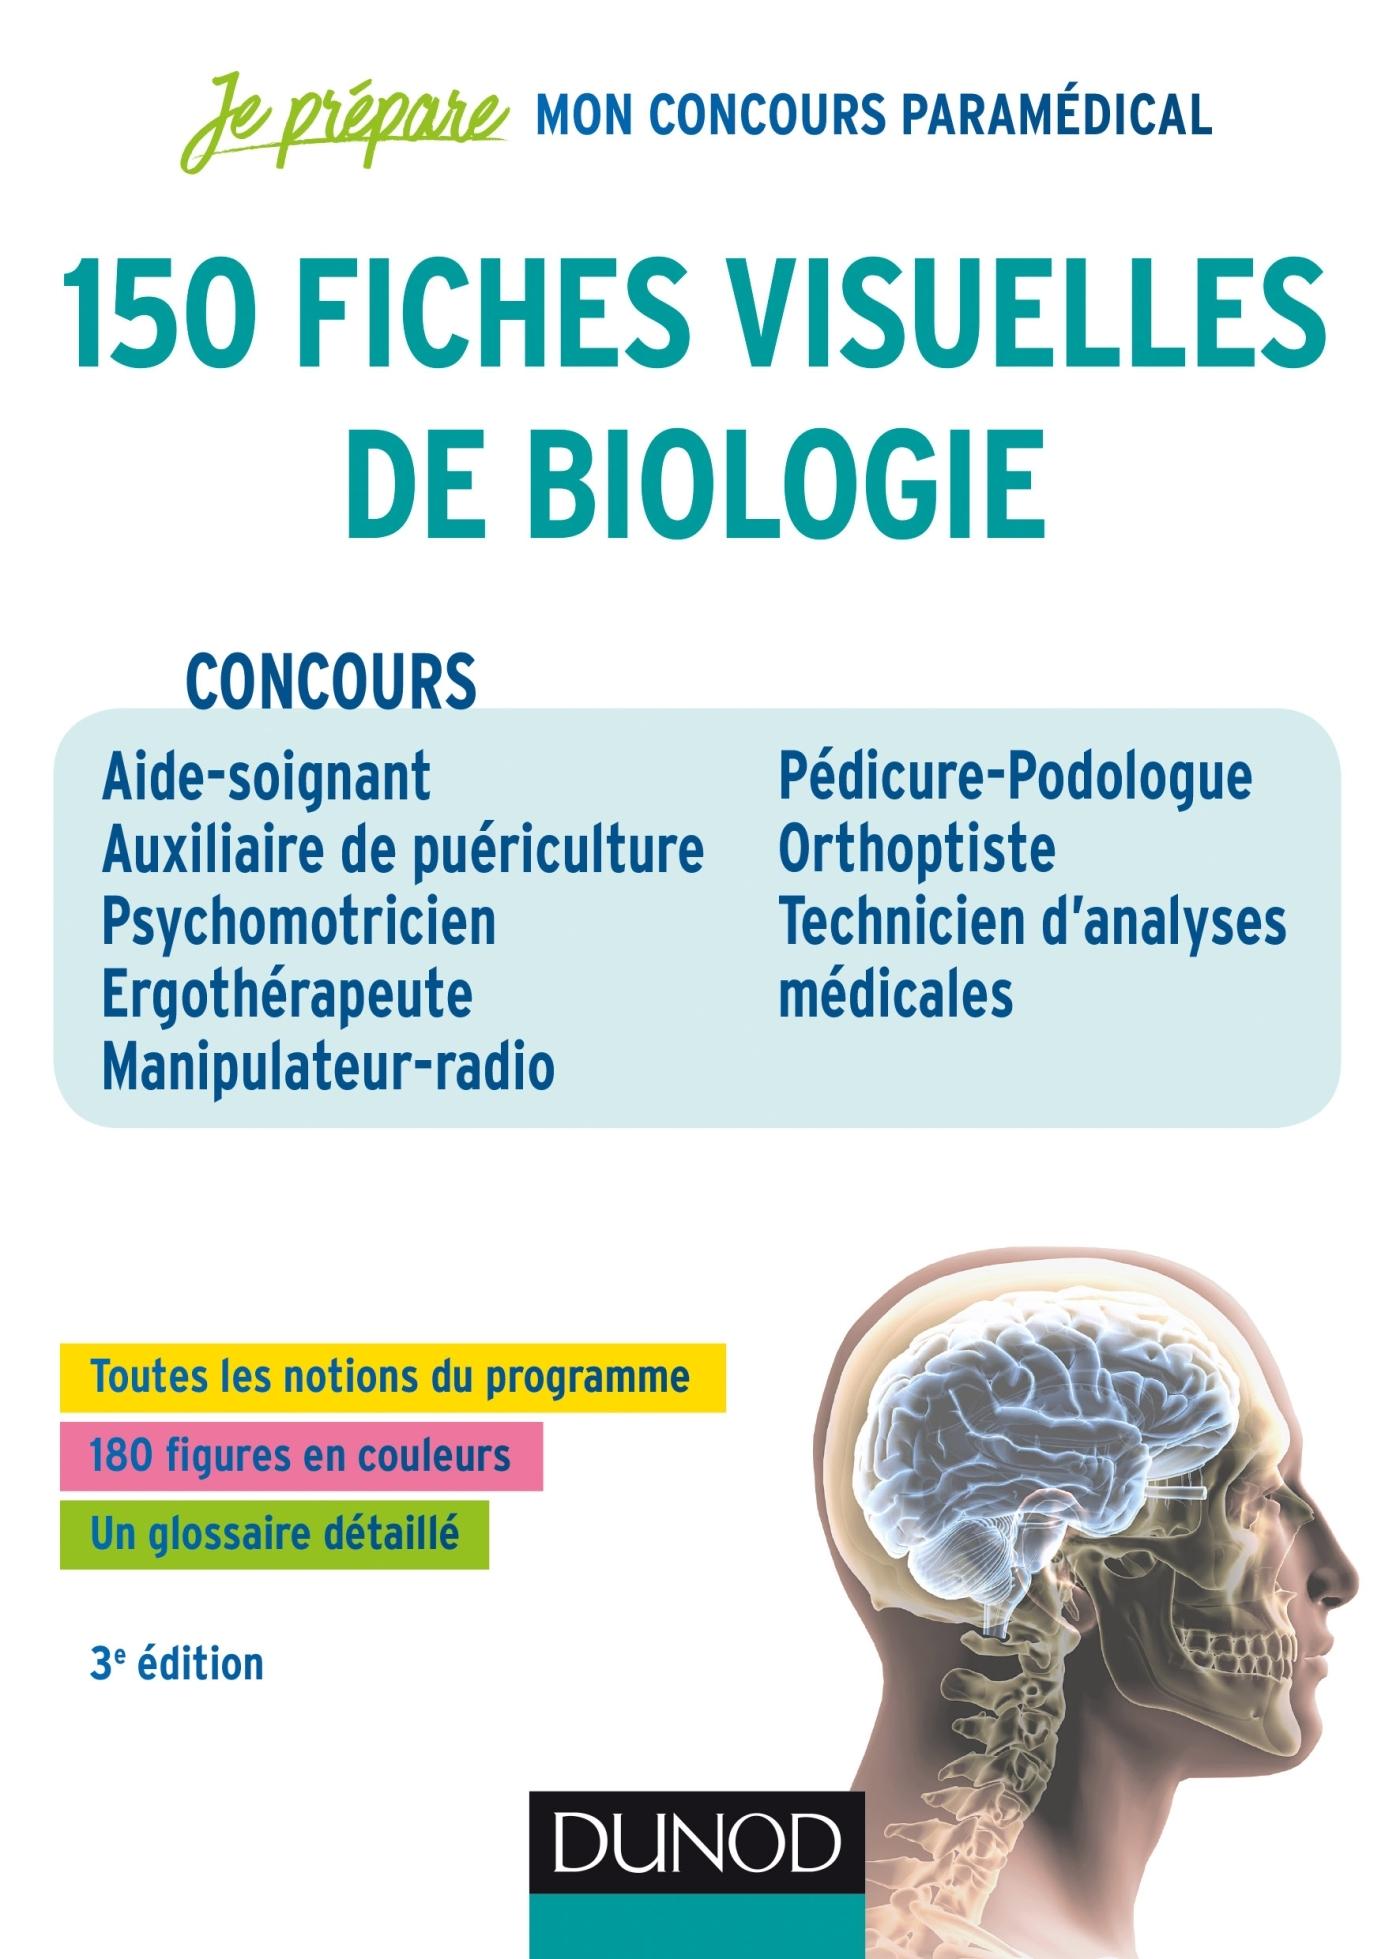 150 FICHES VISUELLES DE BIOLOGIE - 3E ED. - CONCOURS AS-AP, PSYCHOMOTRICIEN, ERGOTHERAPEUTE, MANIPUL